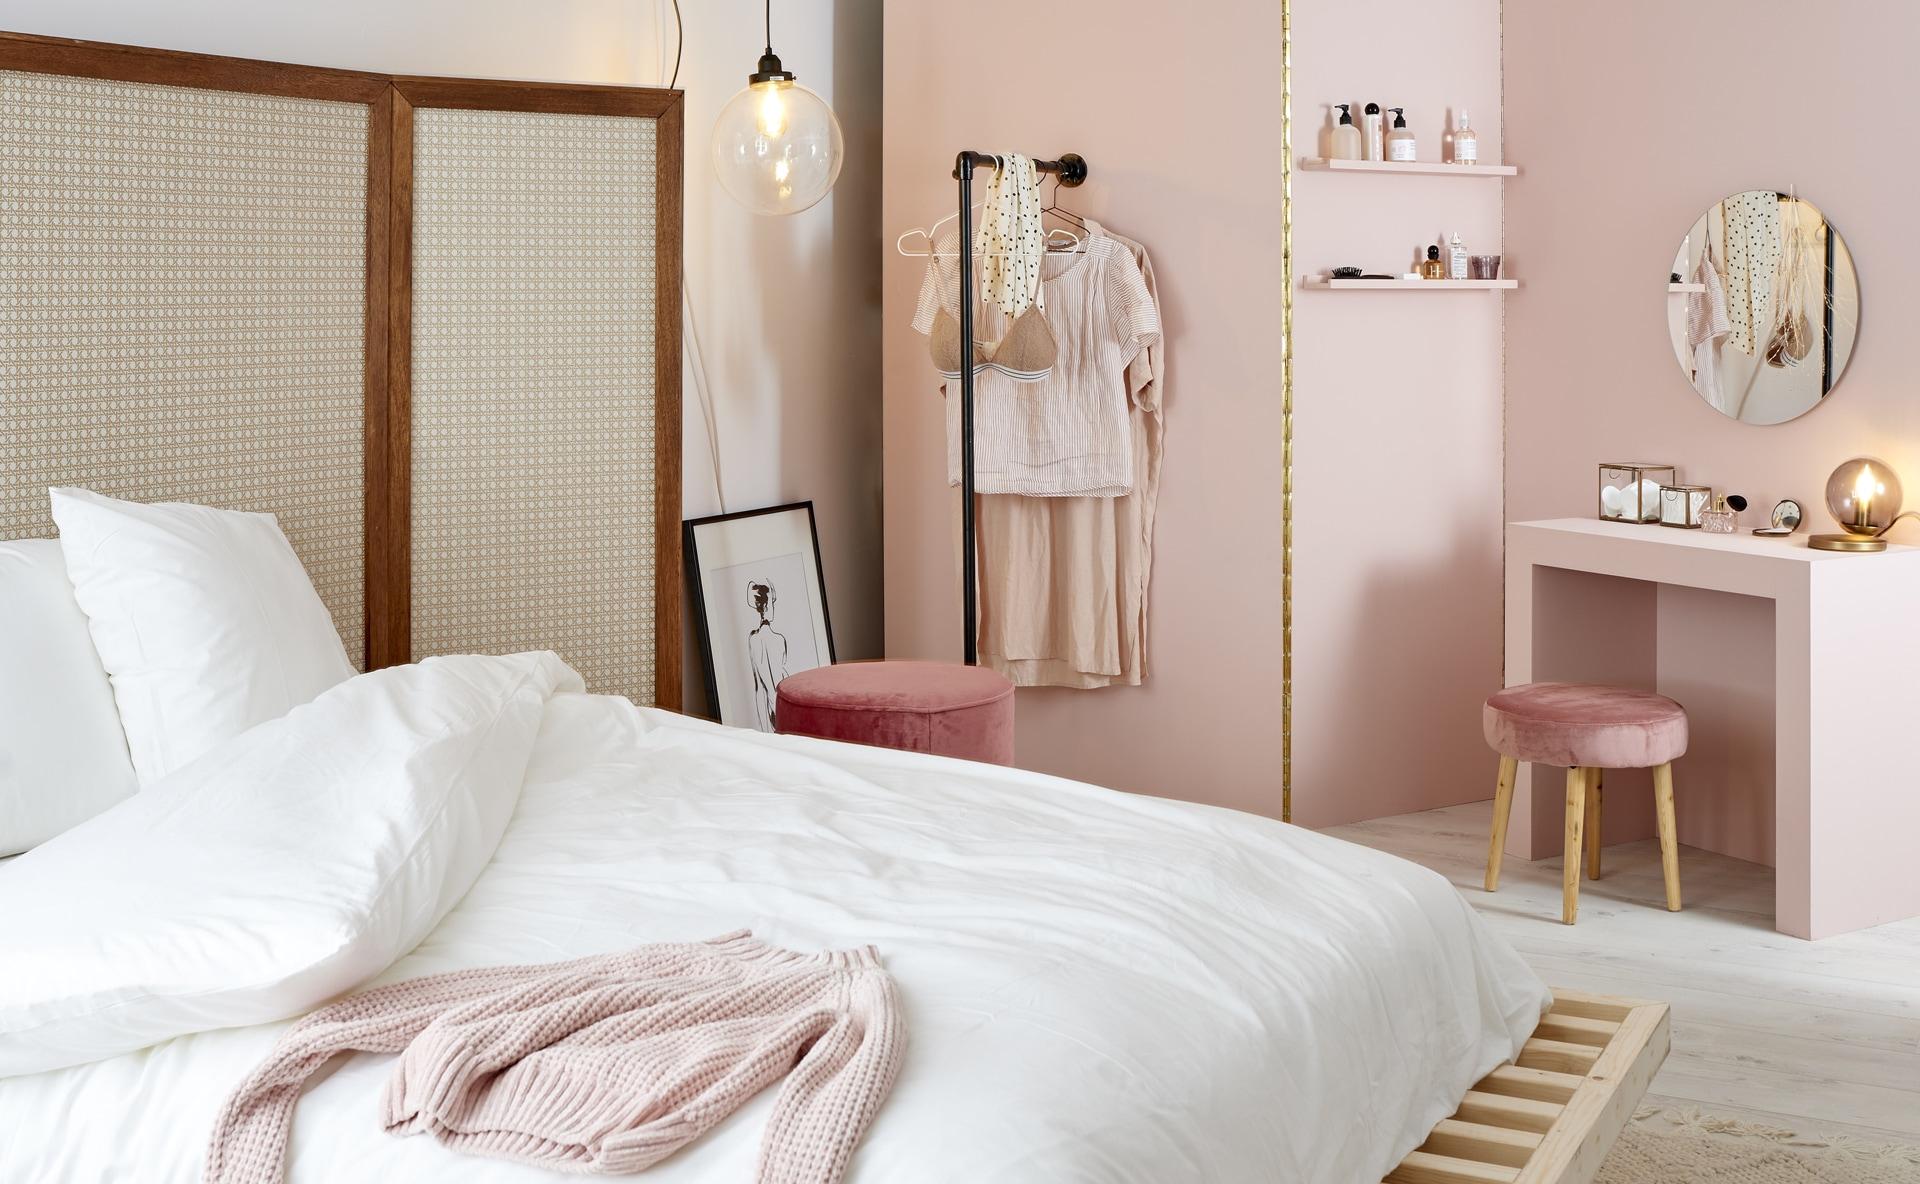 Rolgordijnen Slaapkamer 86 : Shop bij karwei de producten uit het karwei huis slaapkamer